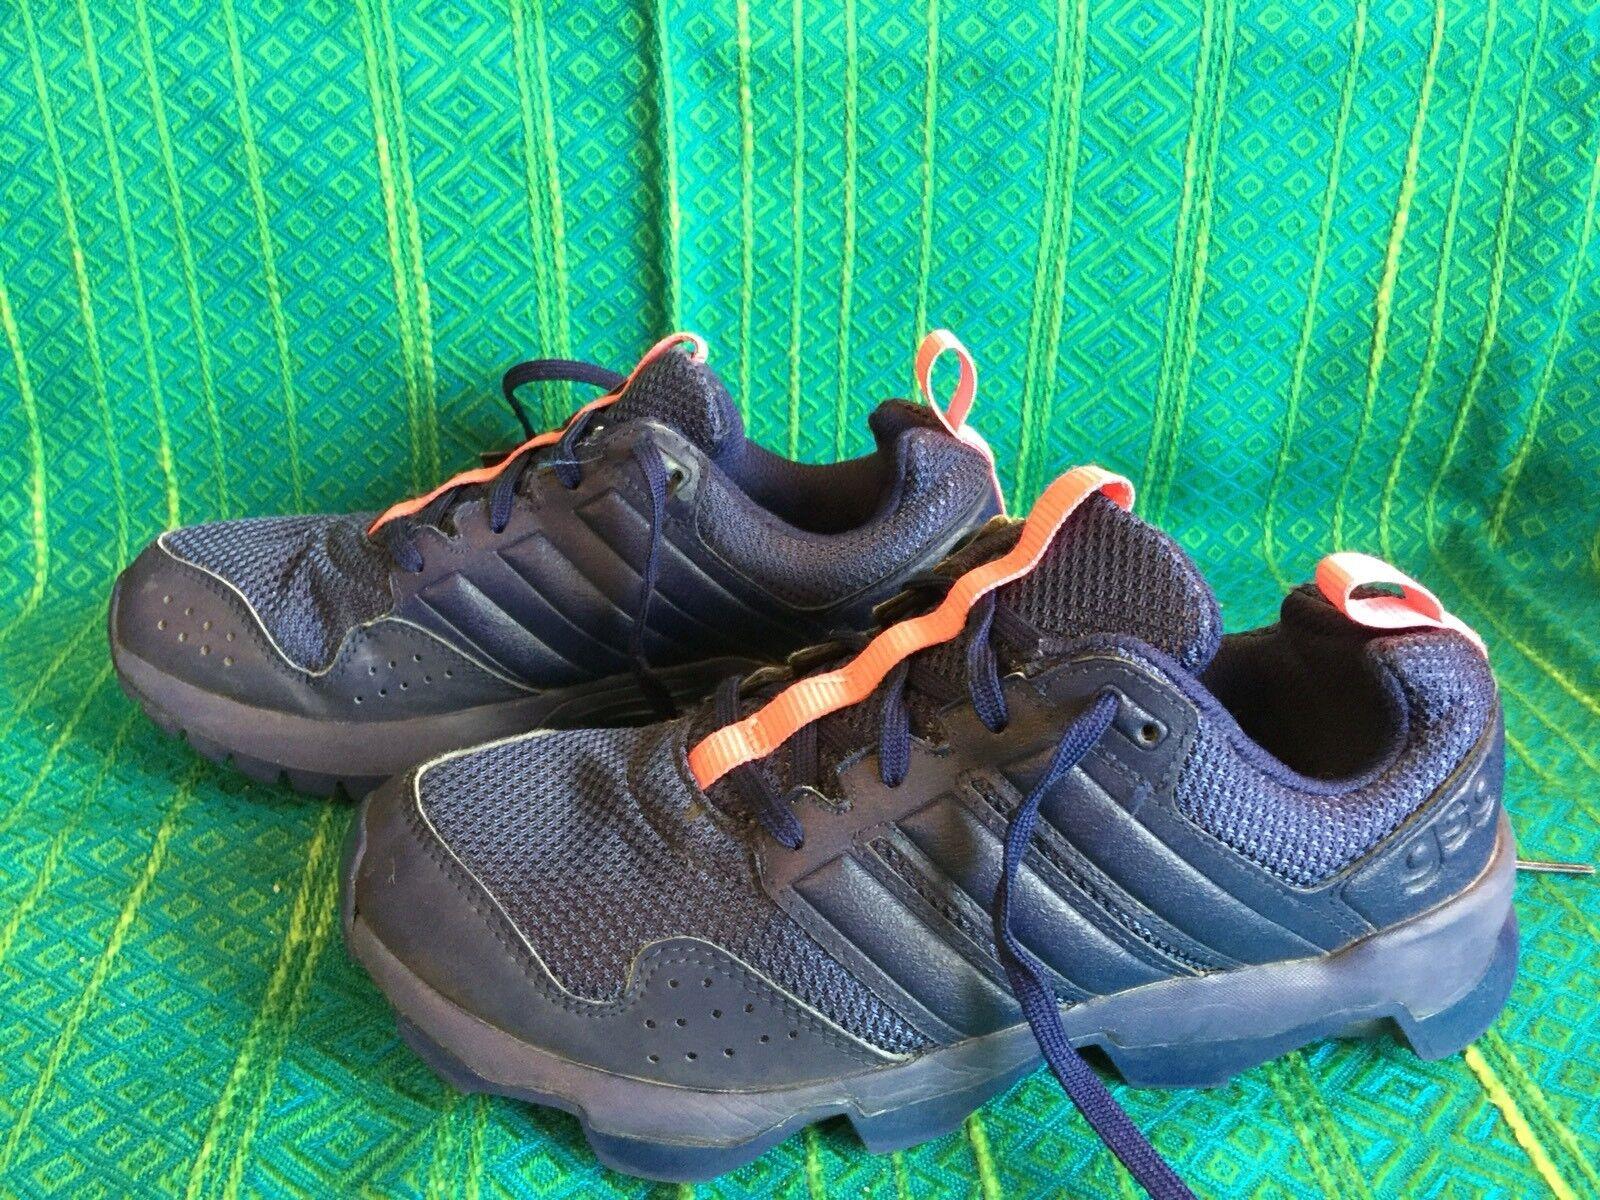 Homme / femme formateurs gsg adidas adidas adidas bleu taille 4.5 qualité PerforFemmece fiable RembourseHommes t de la vitesse | Online Shop  f99541